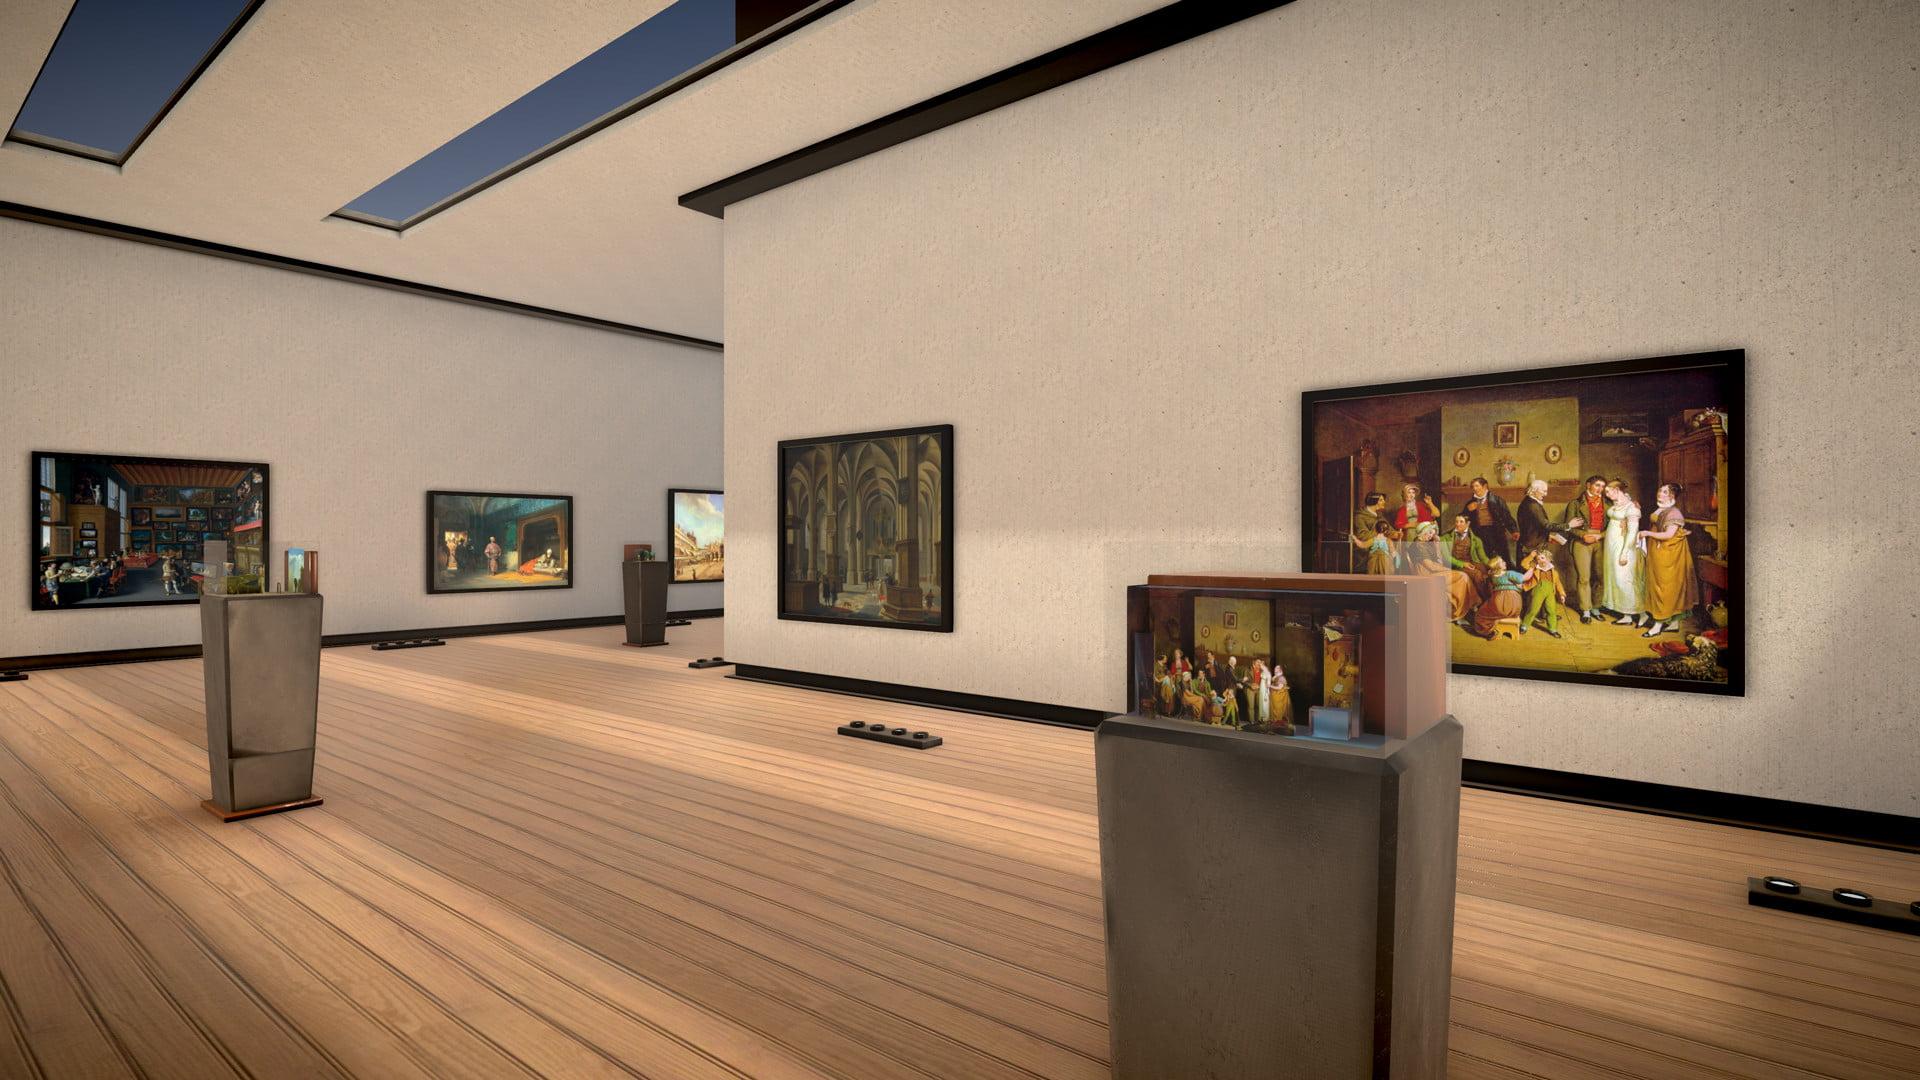 Das Museum of Throughview ist kein herkömmliches Museum. Es zeigt alte Gemälde und Fotografien mit einem verblüffenden 3D-Tiefeneffekt.